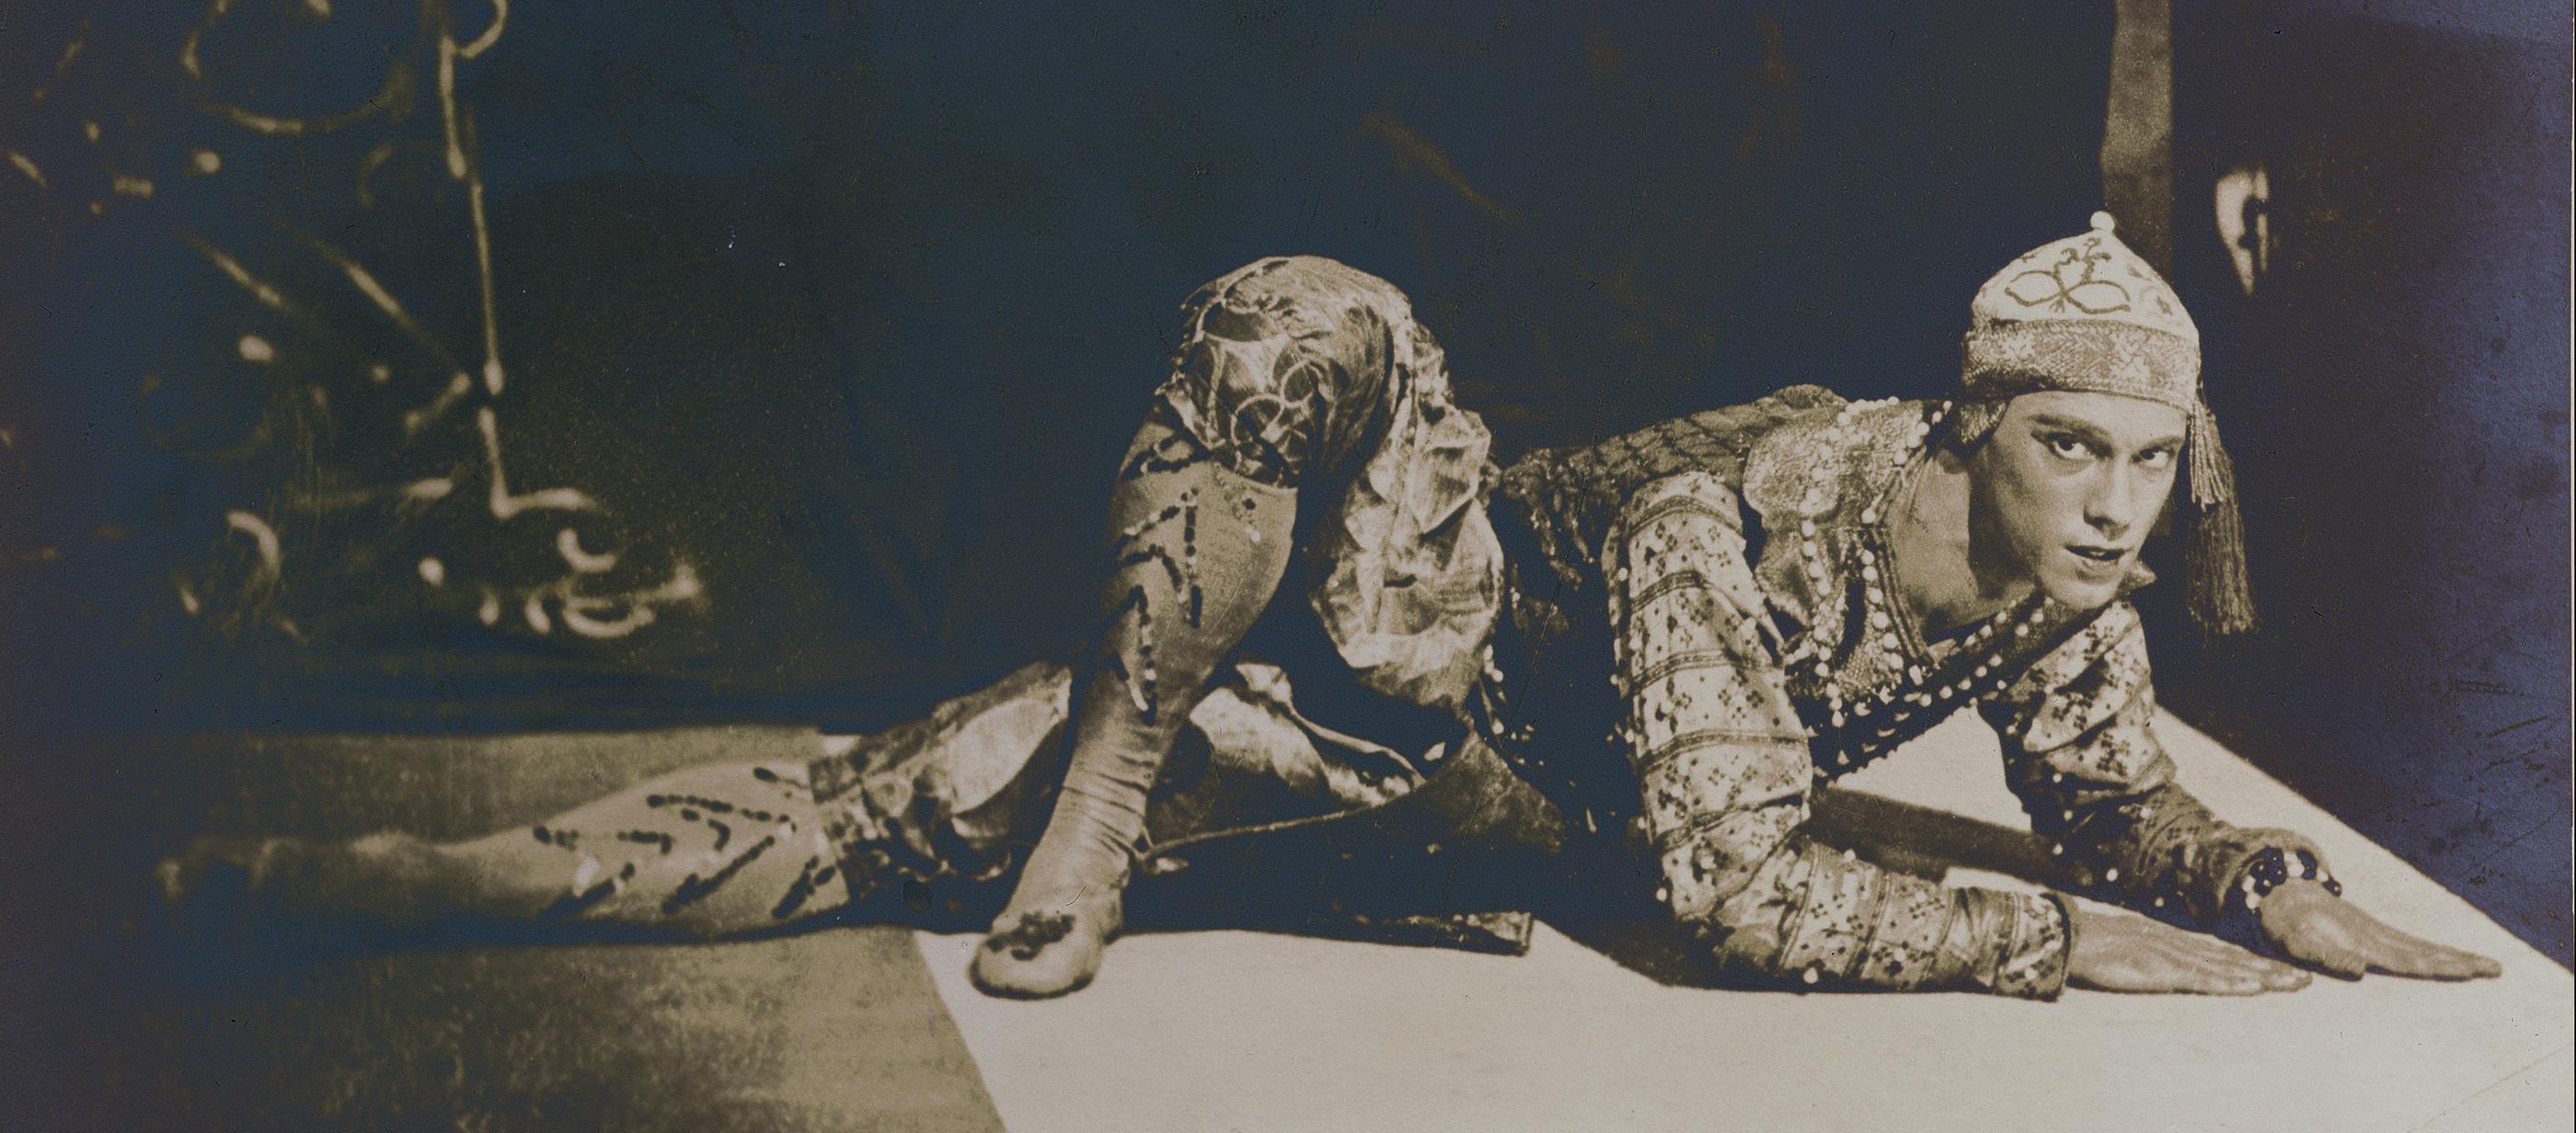 """Vaslav Nijinsky performing the """"Siamese Dance"""" from the ballet Les Orientales, Paris, 1911."""